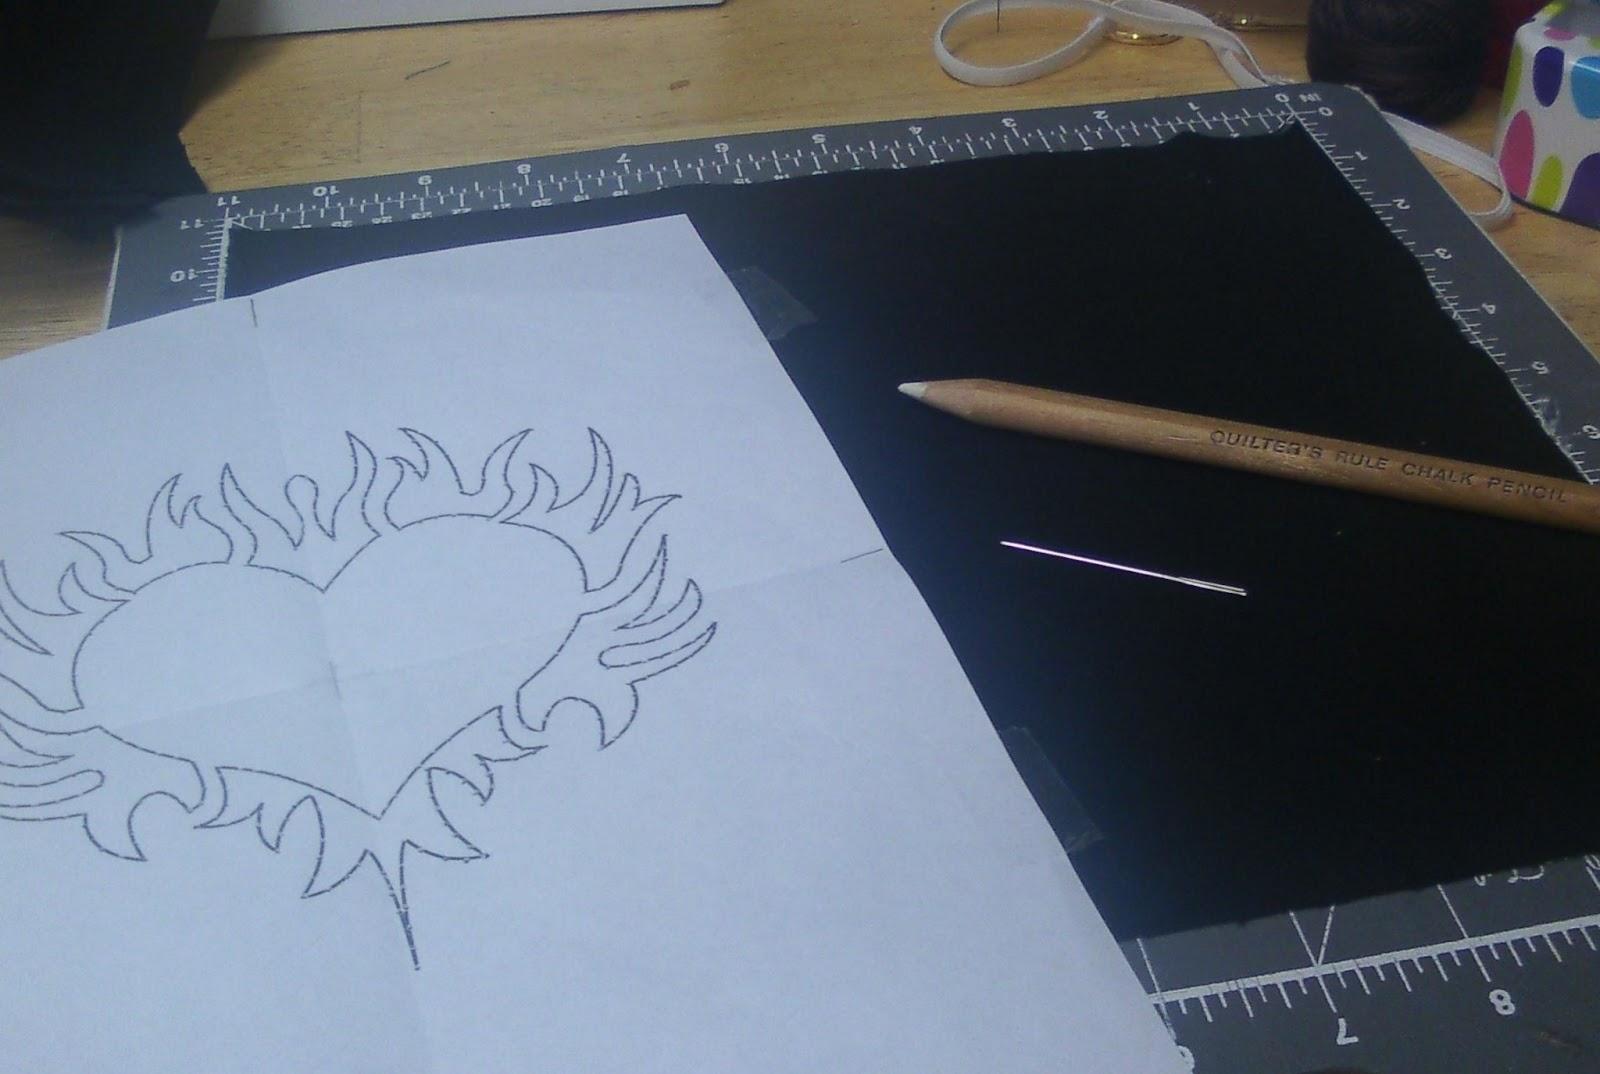 Shawkl Transfering A Design To Dark Fabrics Tutorial